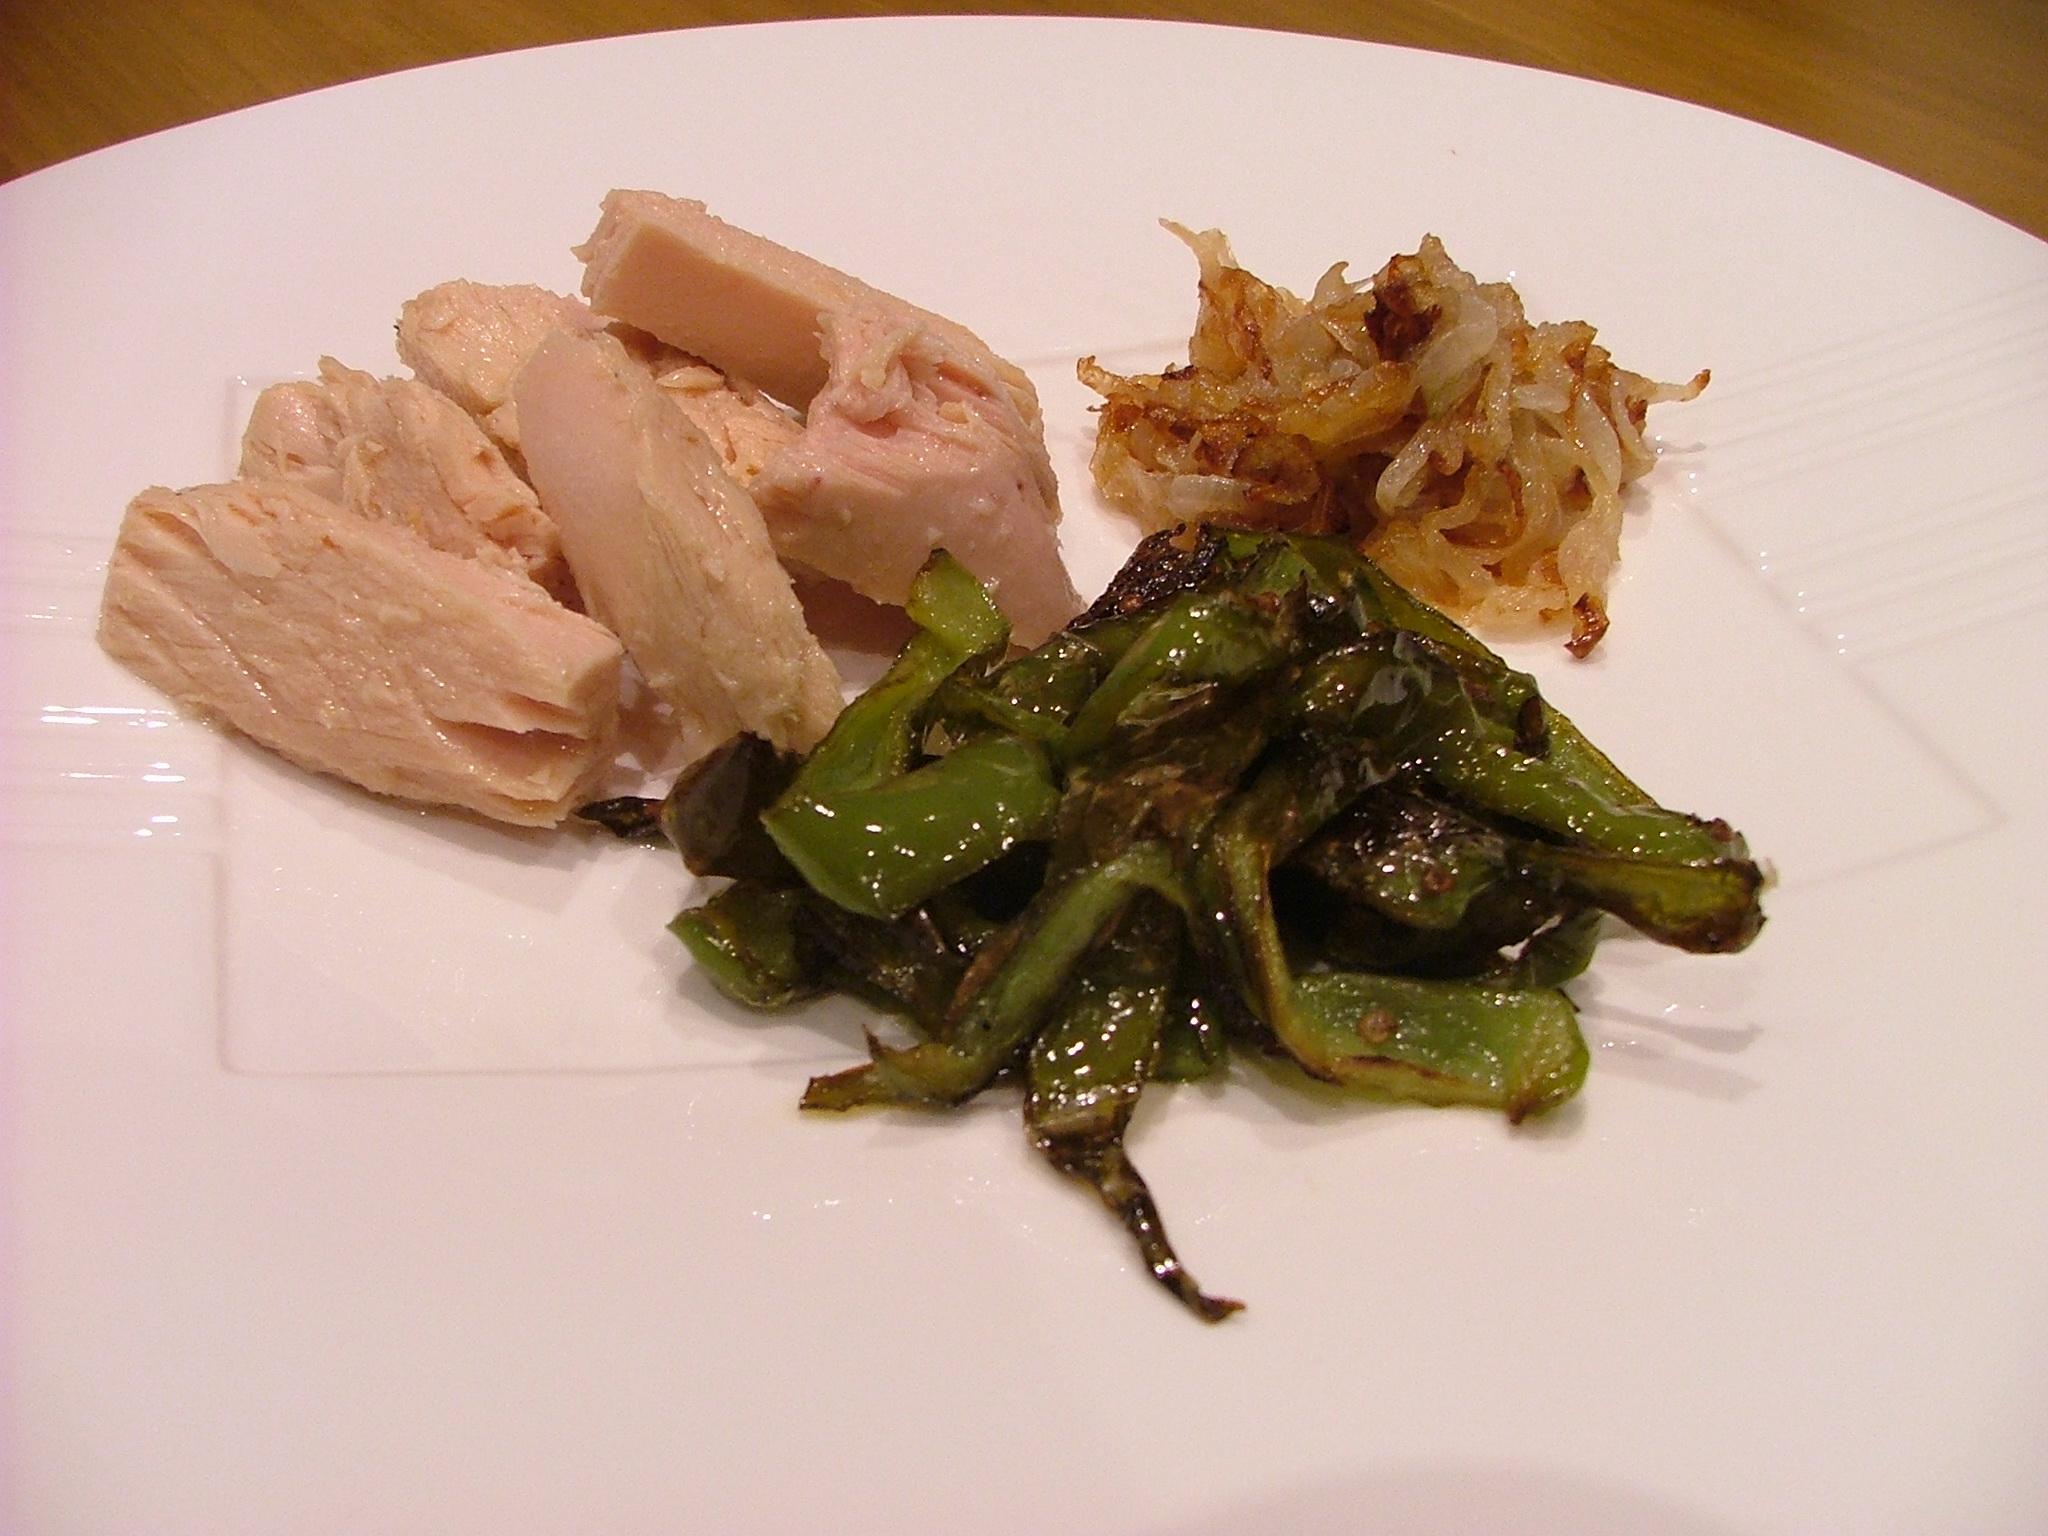 Presentación del plato final